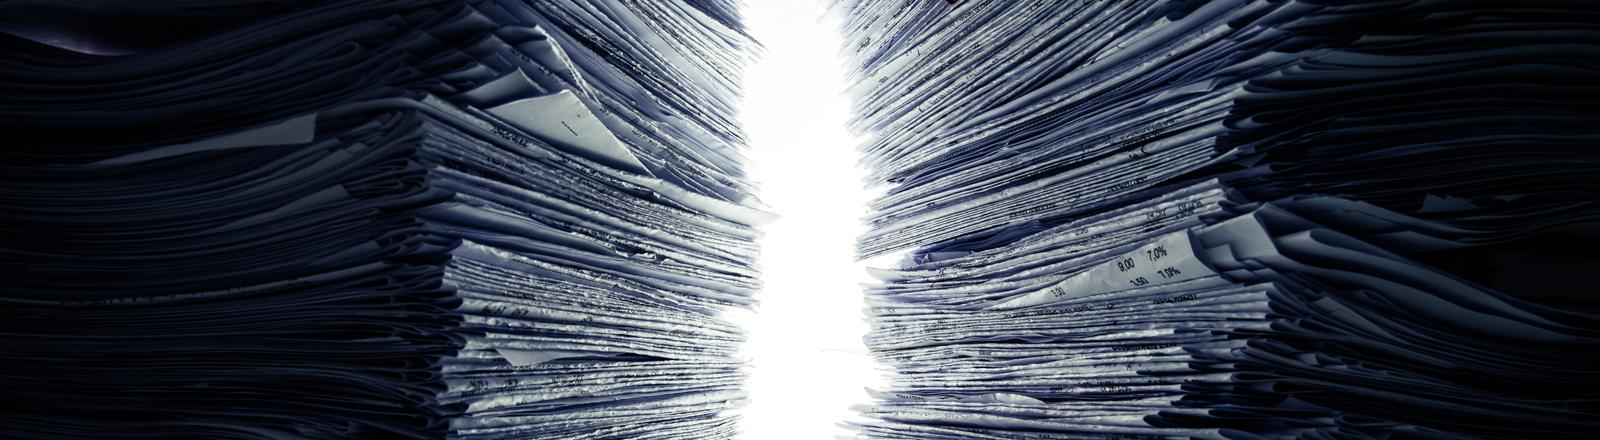 Ein Stapel Papier